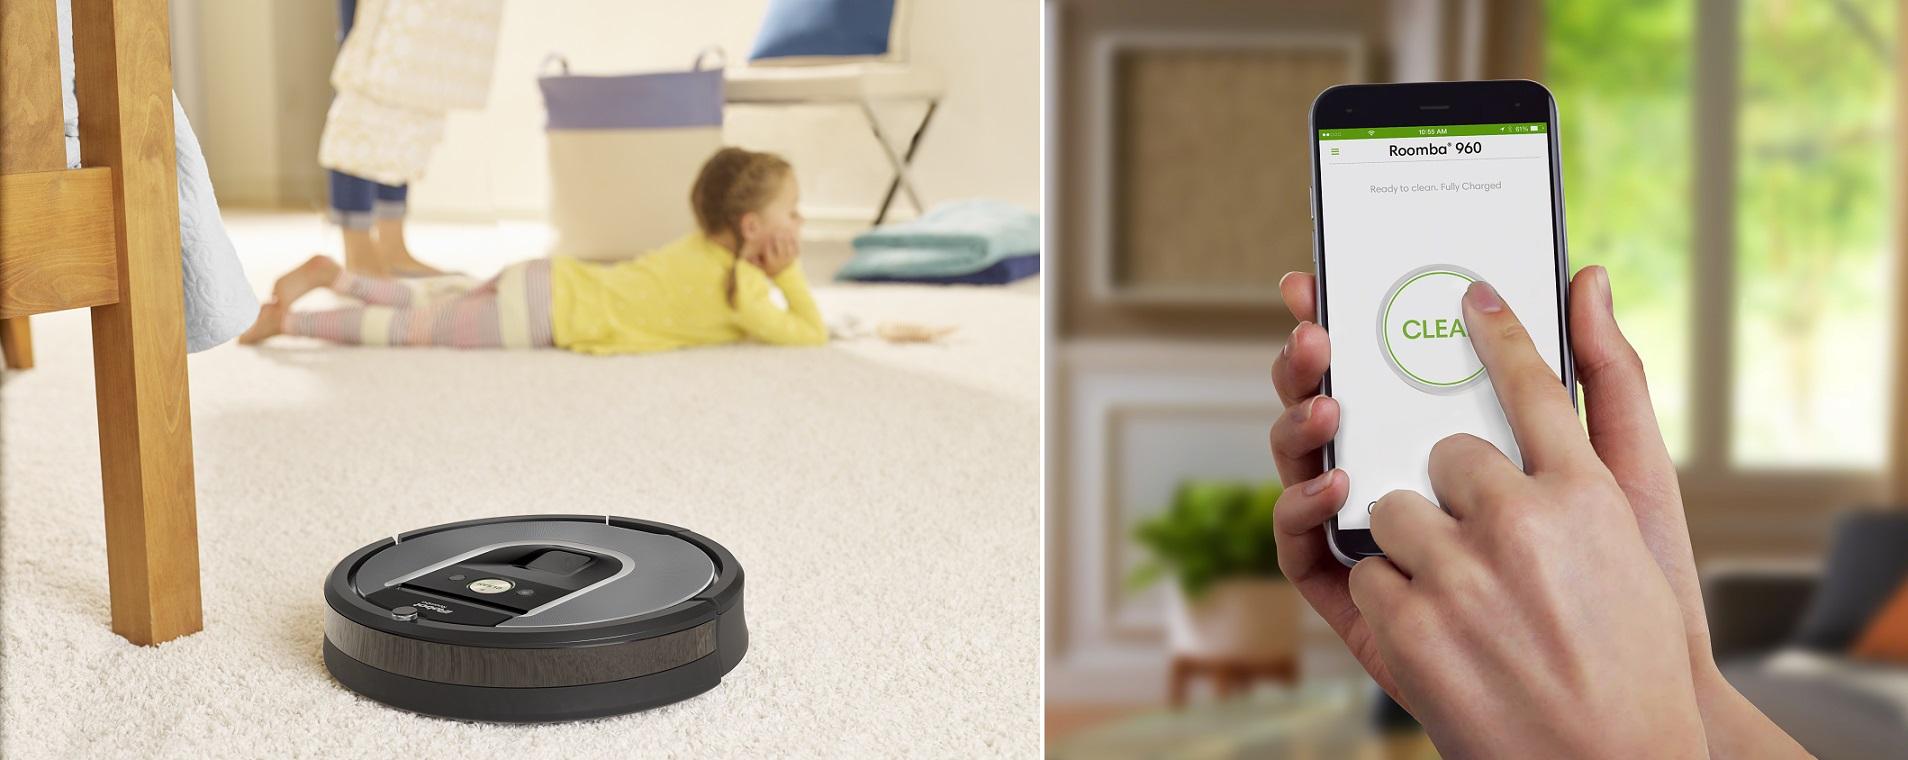 Roomba 960: l'aspirapolvere che puoi comandare con il tuo smartphone